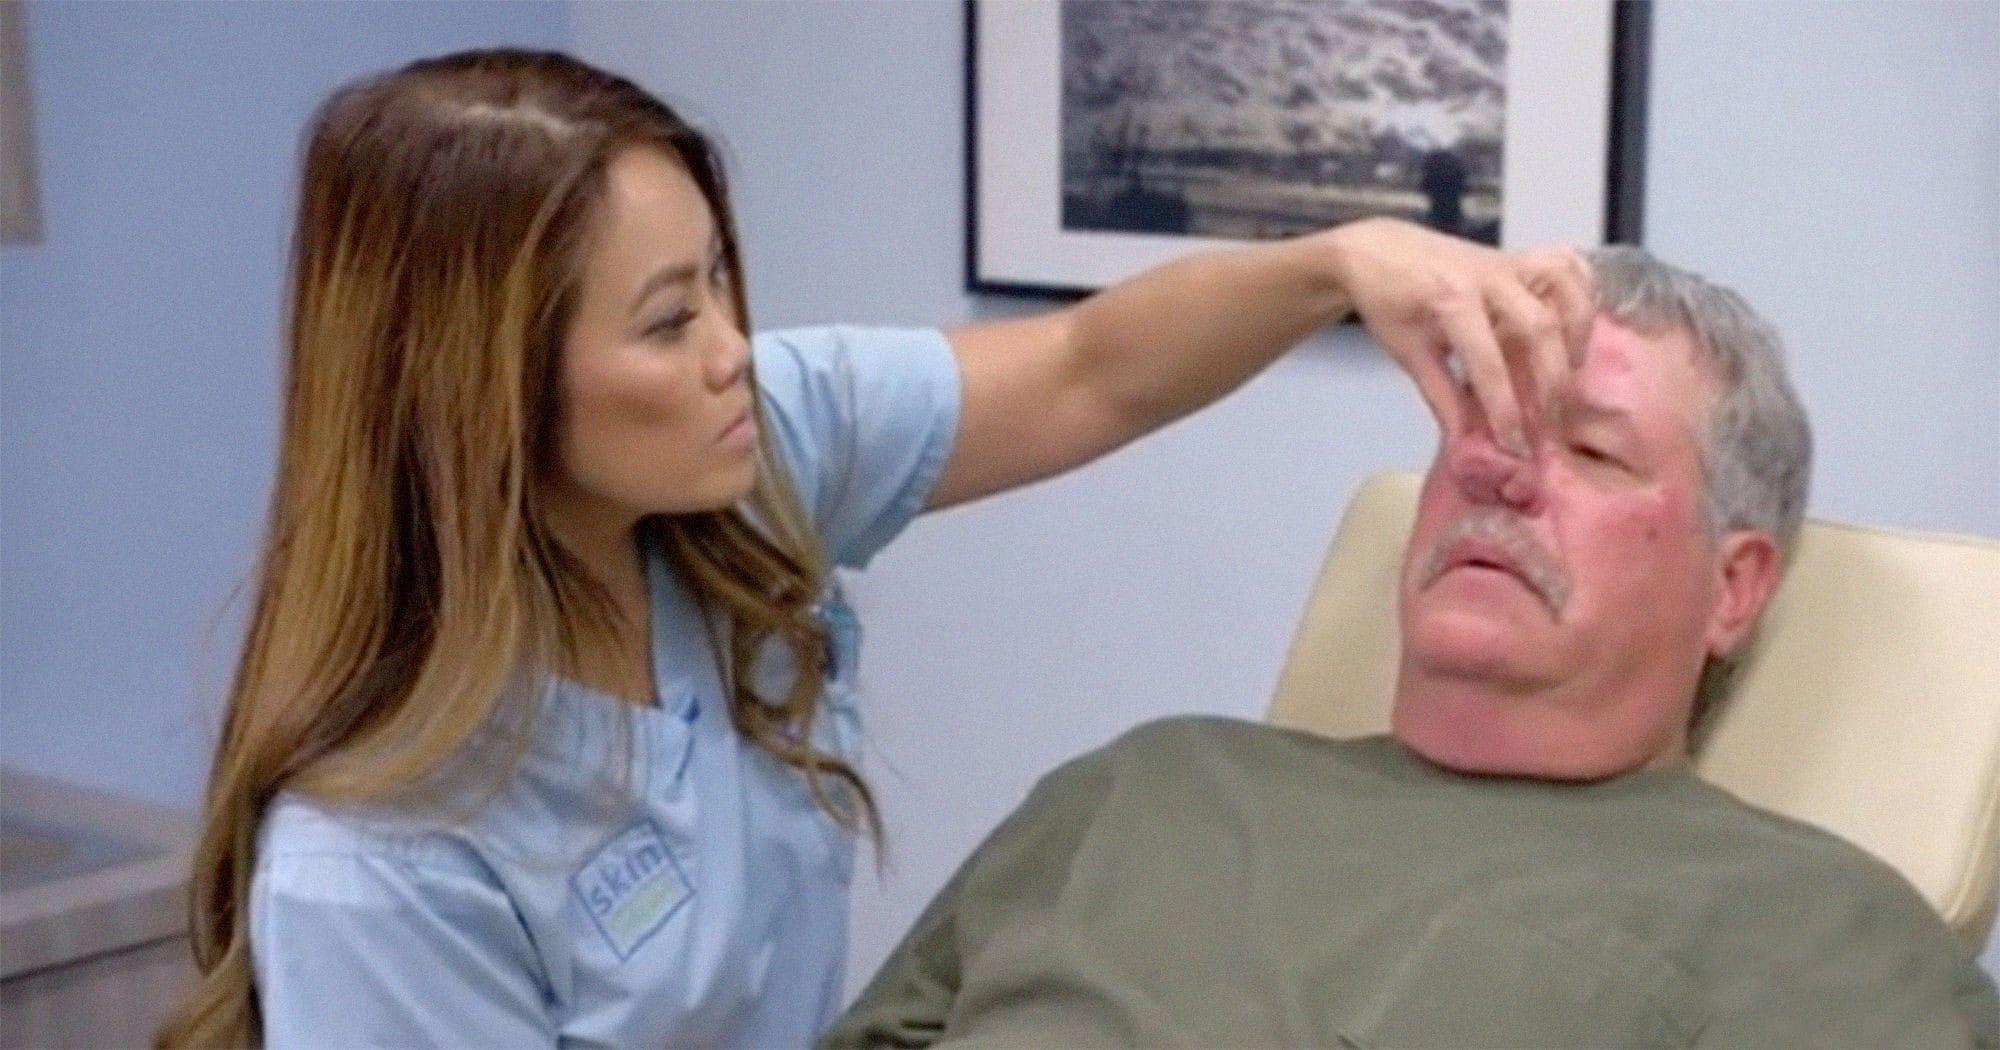 Dr Pimple Popper S Season 3 Premiere Was Worth The Wait